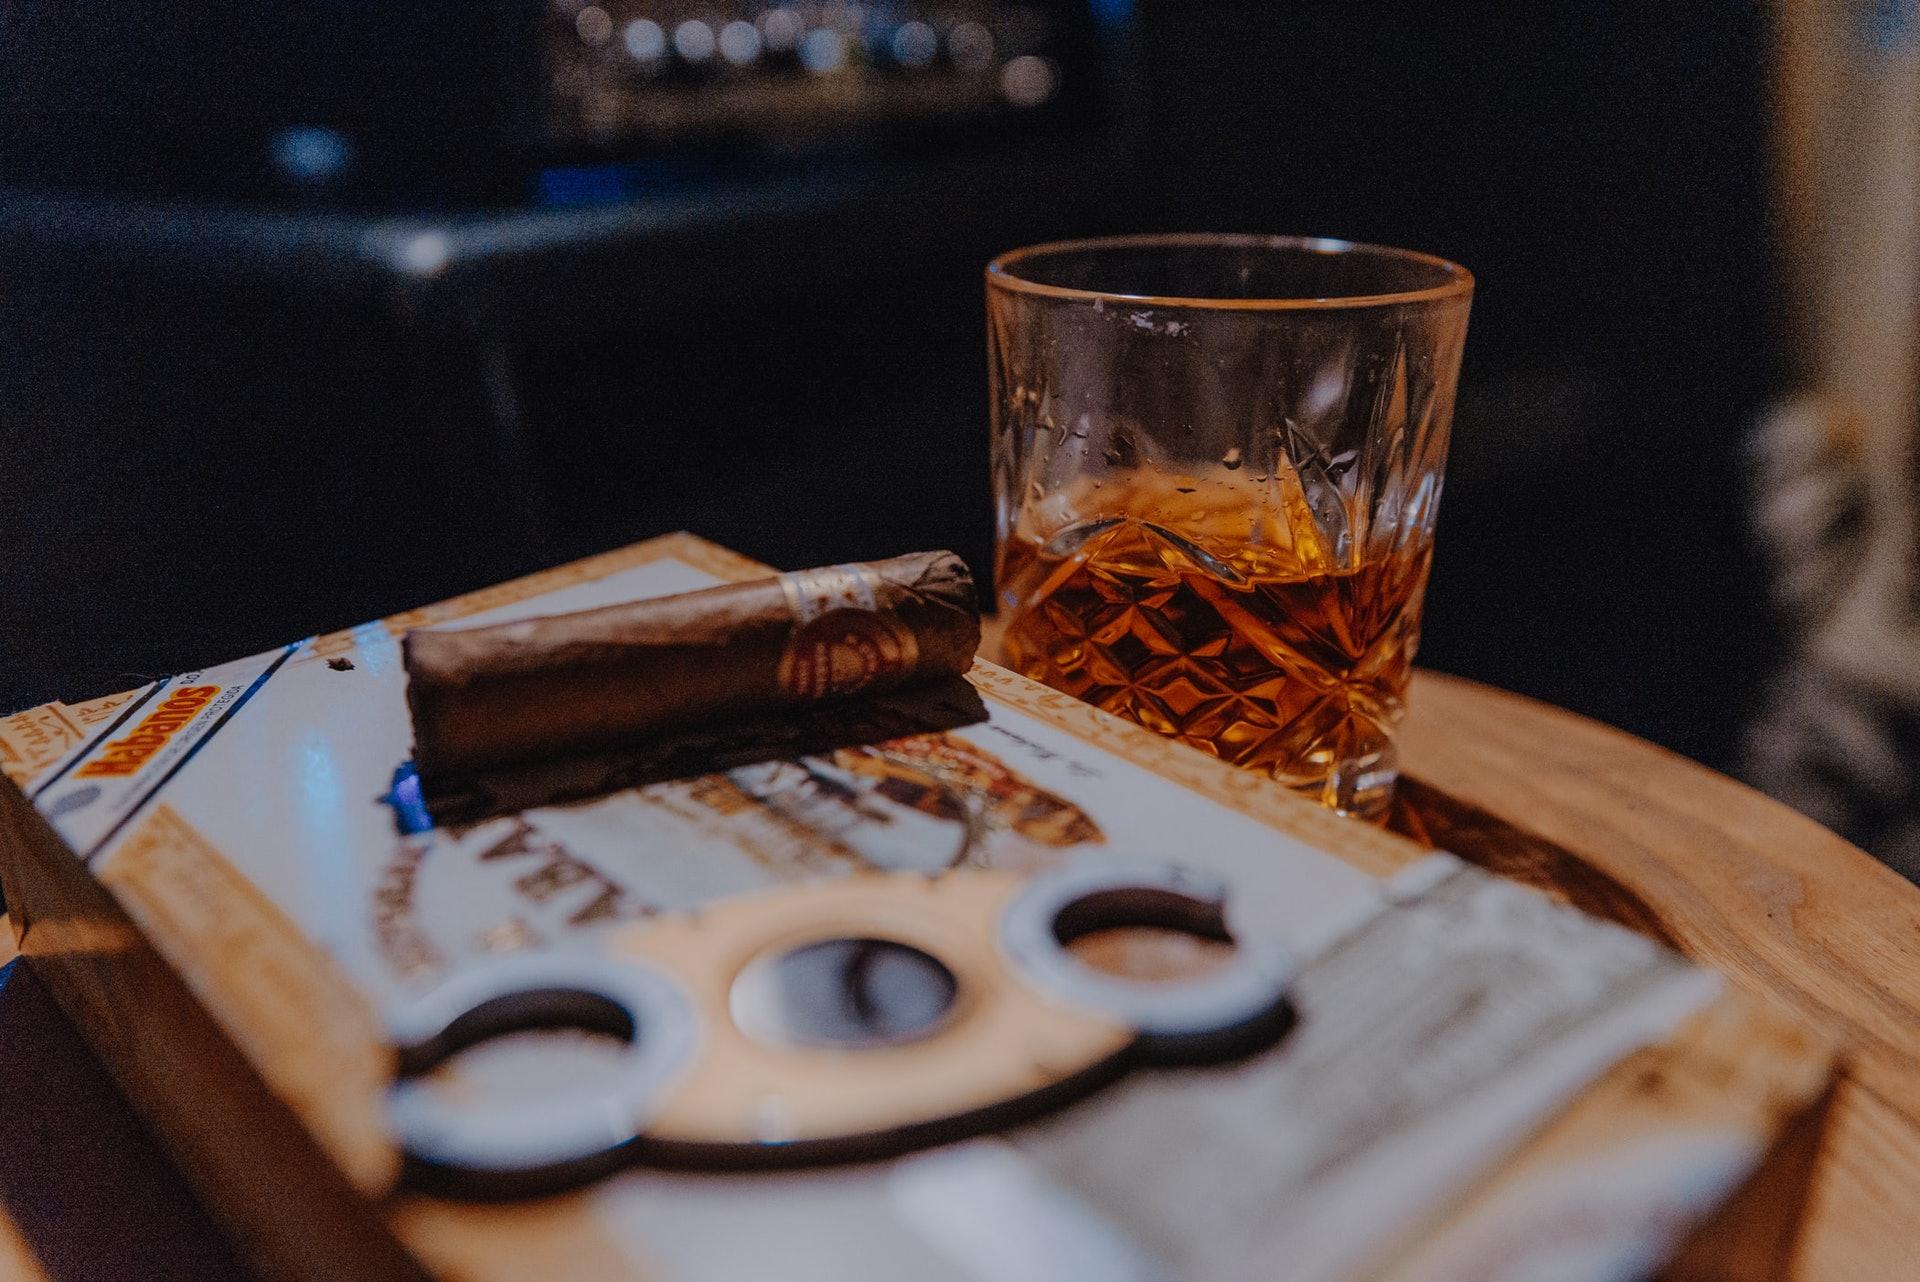 別以為有掛杯(tears/legs)就代表是好的威士忌,其實以它的酒精濃度,有掛杯是正常不過的事(圖片來源:Unsplash@natalieparham)